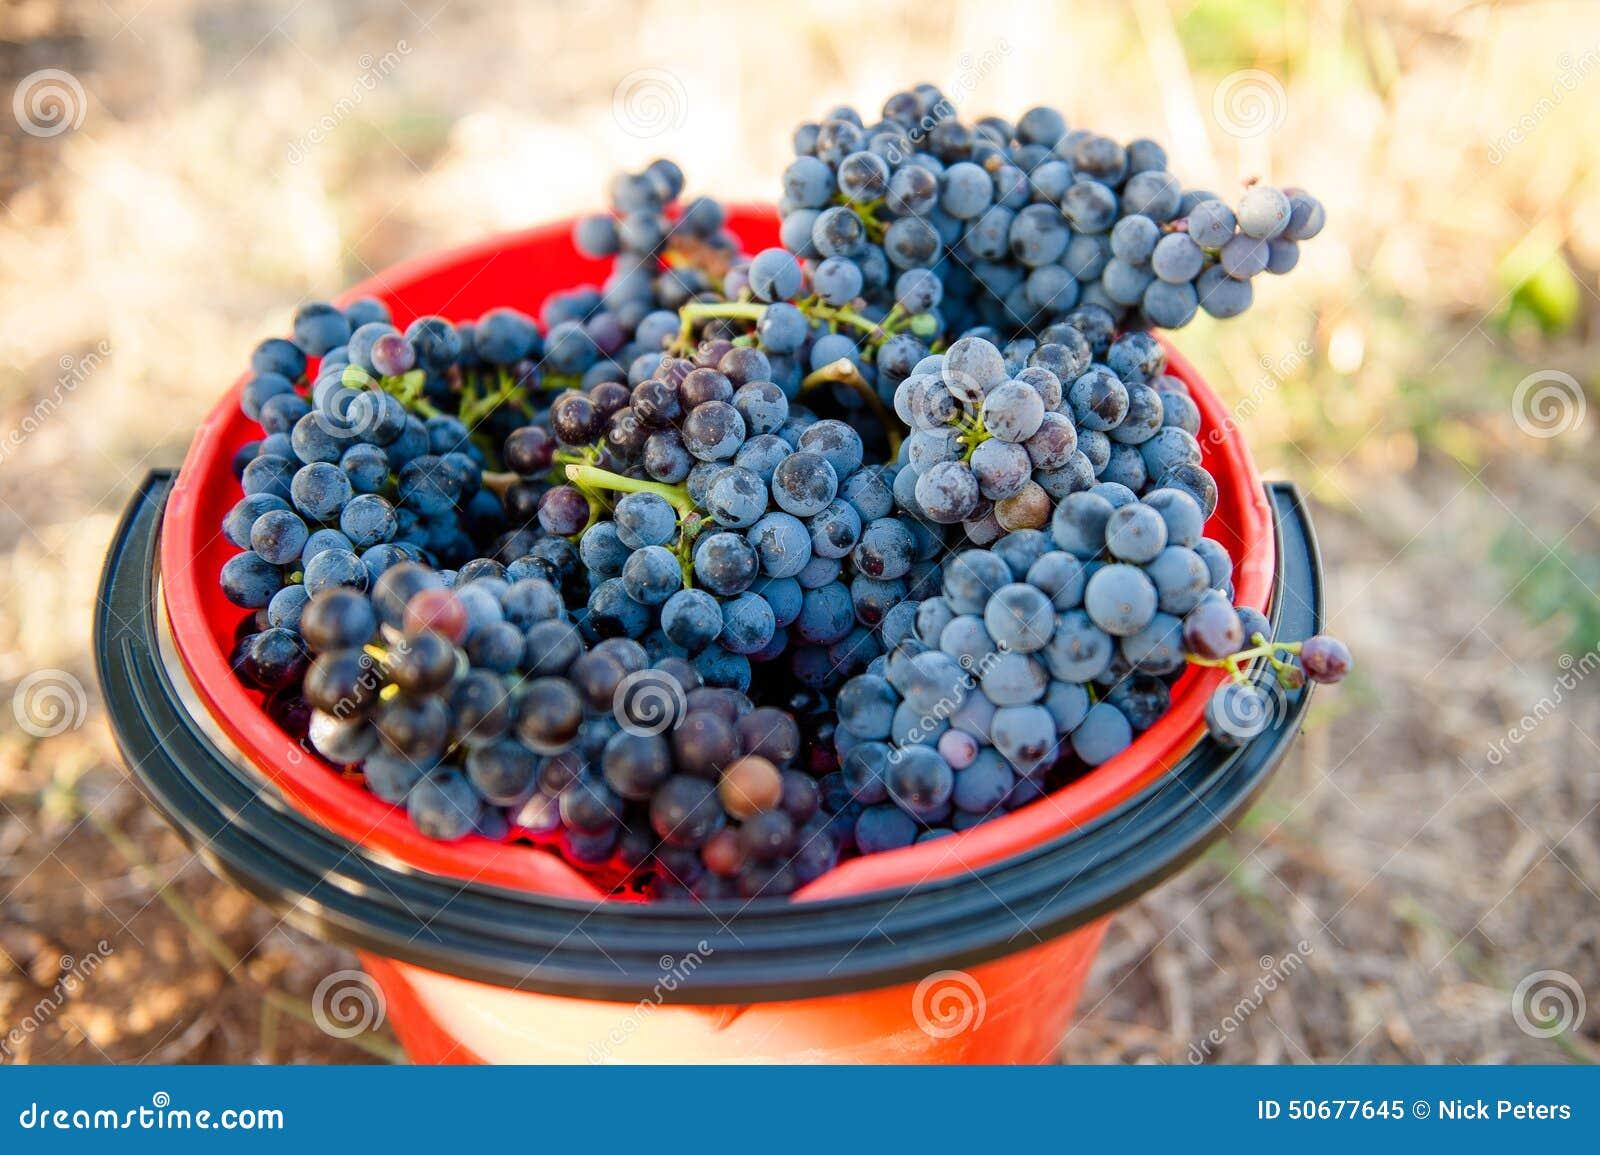 Download 在采摘桶的红葡萄 库存图片. 图片 包括有 装载, 工厂, 产物, 问题的, 玻璃, 农场, 维多利亚, 时段 - 50677645